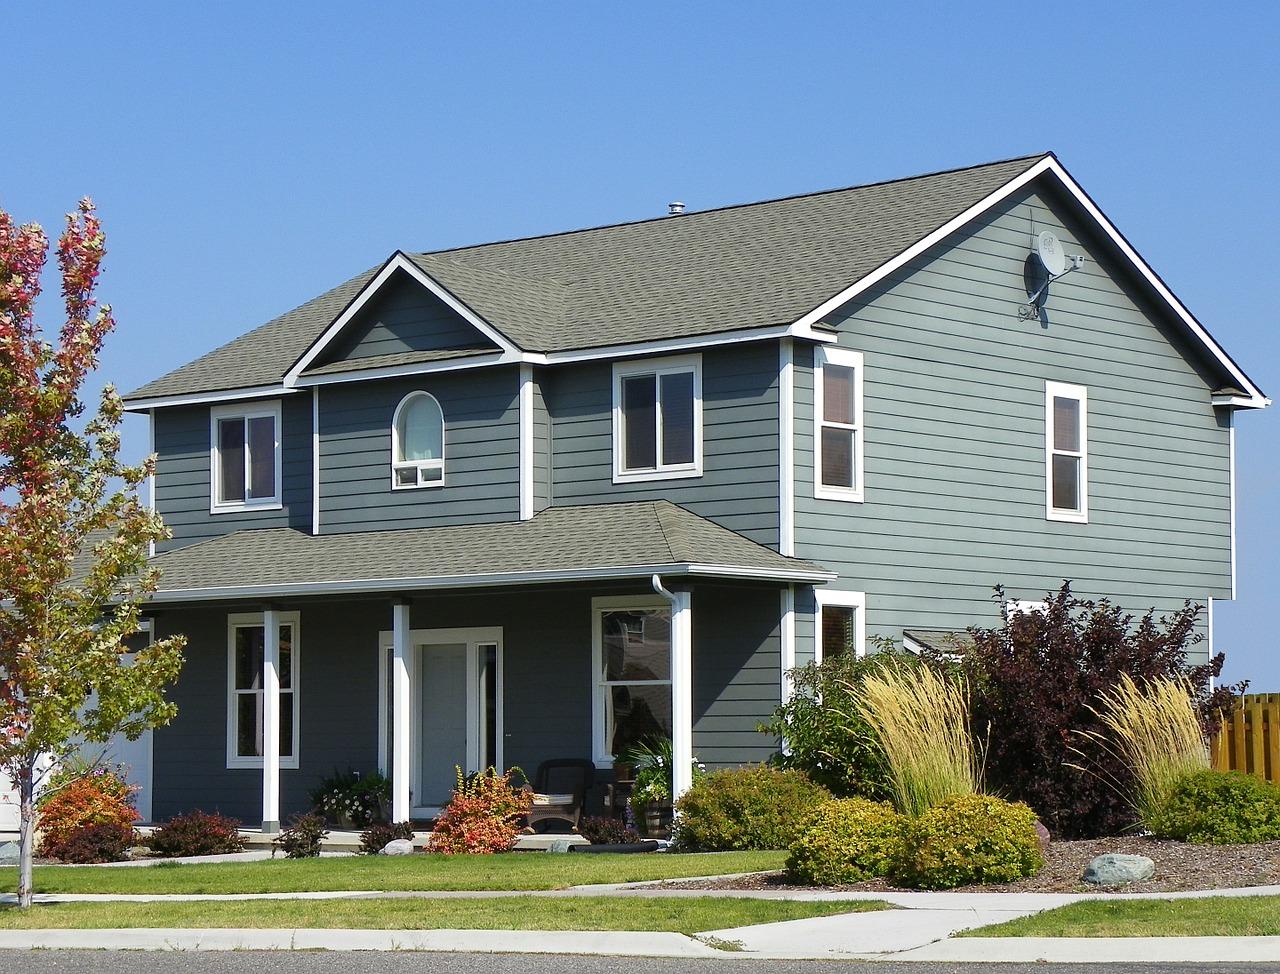 pojištění domu